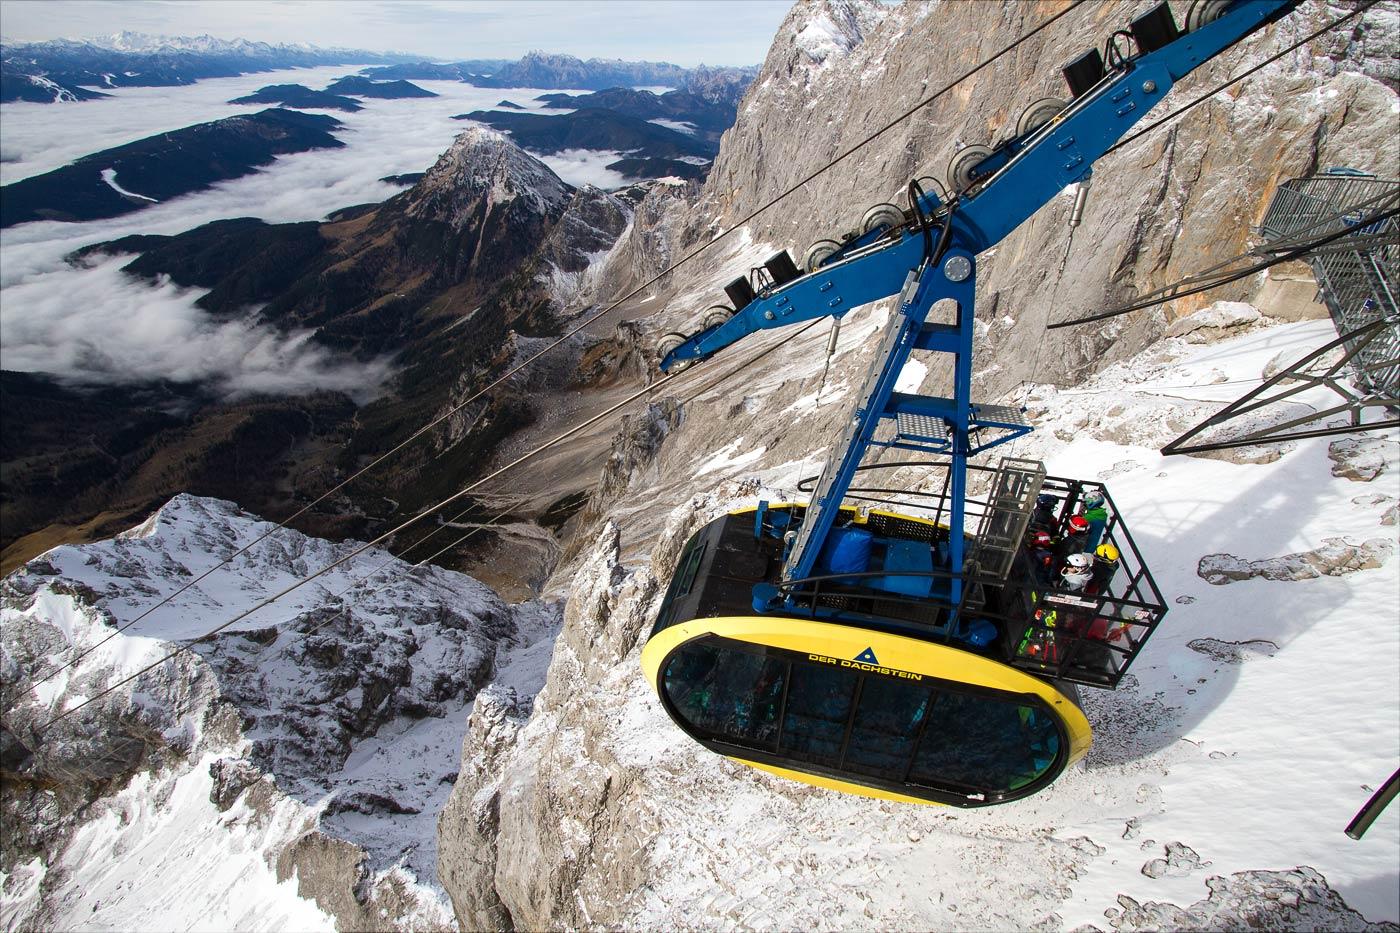 Горный массив Дахштайн, Австрийские Альпы